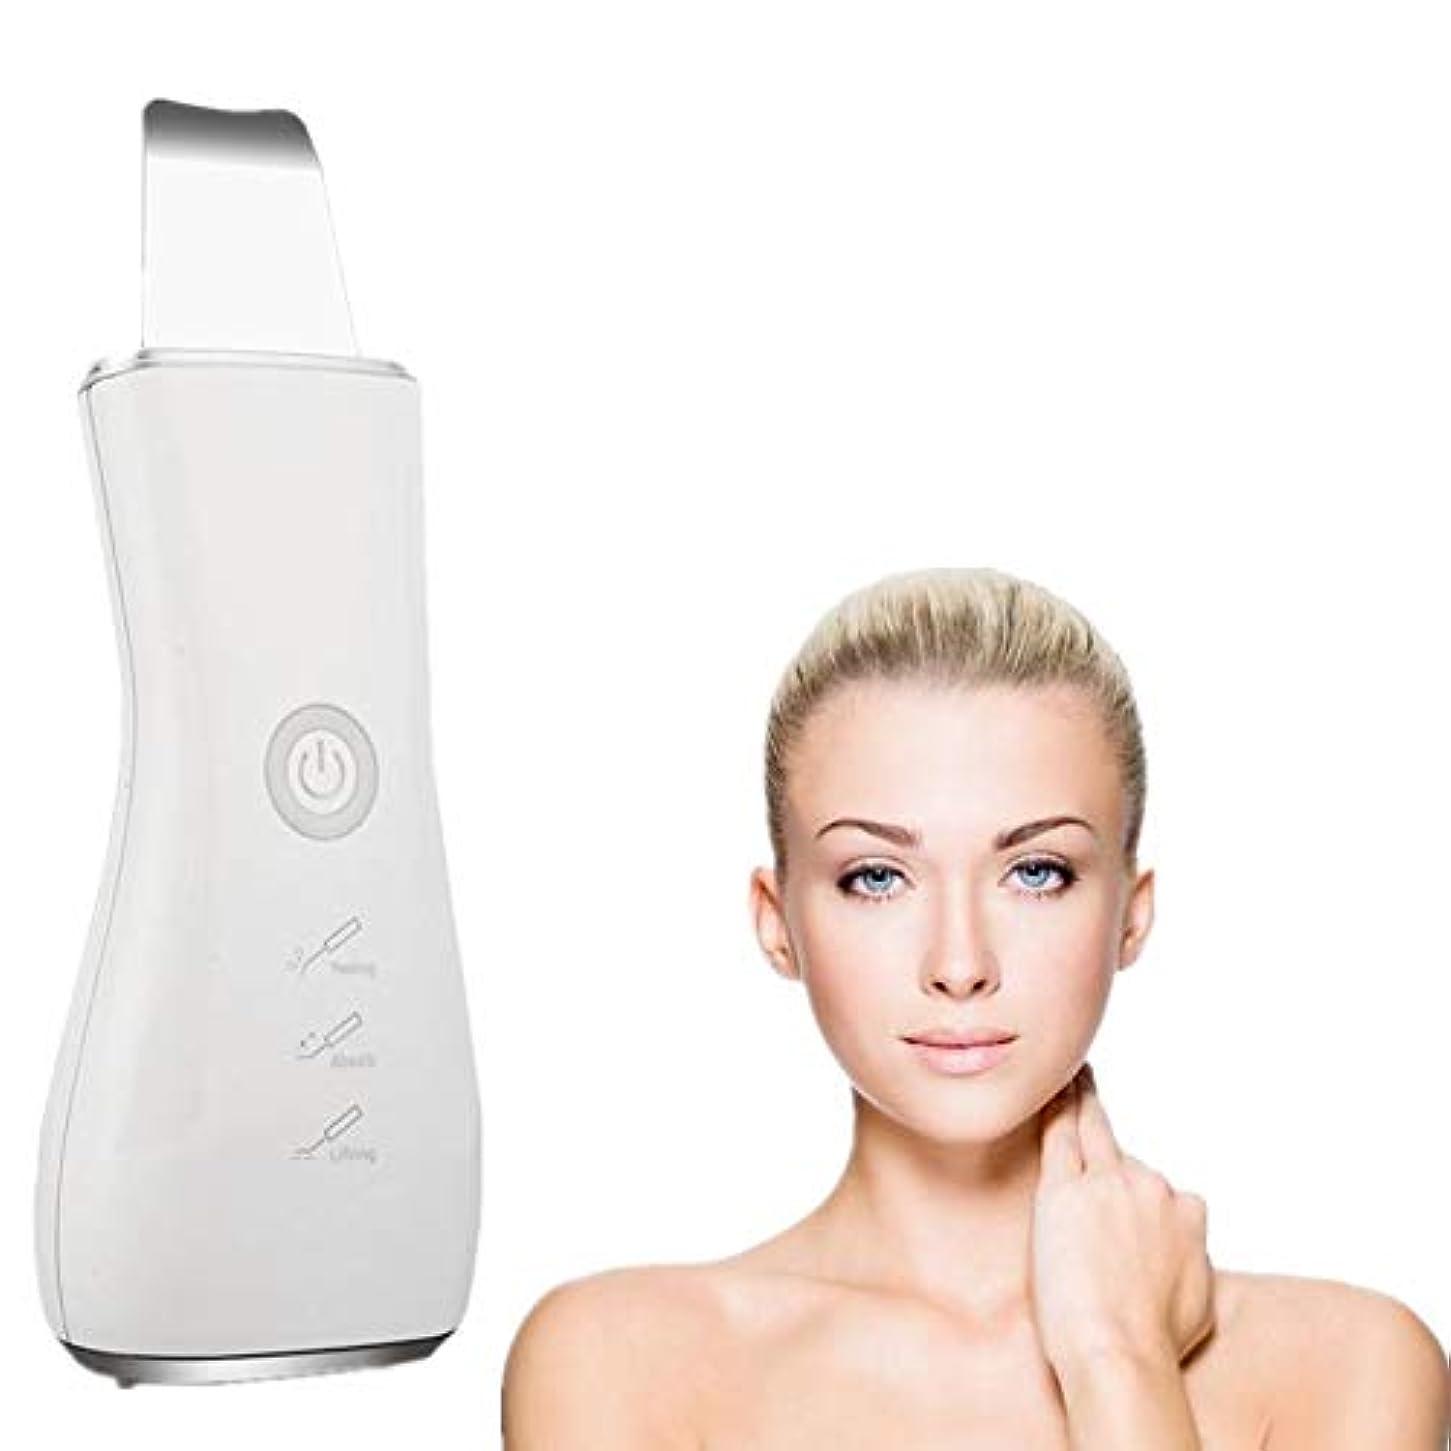 不十分なテクスチャーやる顔の皮膚スクラバーブラックヘッドリムーバー毛穴充電式スキンスクラバー光子の若返り美容スキンクリーナーEMSクリーニングイオン導入モードUSB充電式美容ツール、シルバー